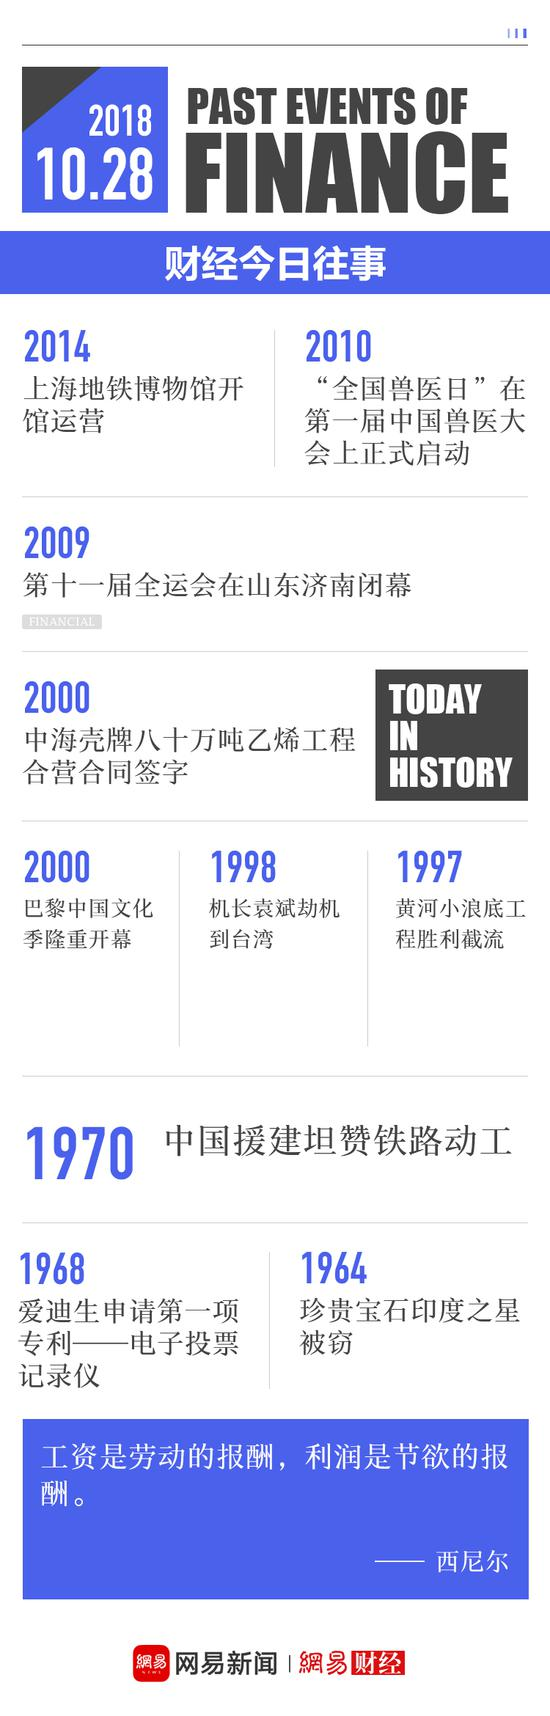 财经今日往事:1997年黄河小浪底工程胜利截流